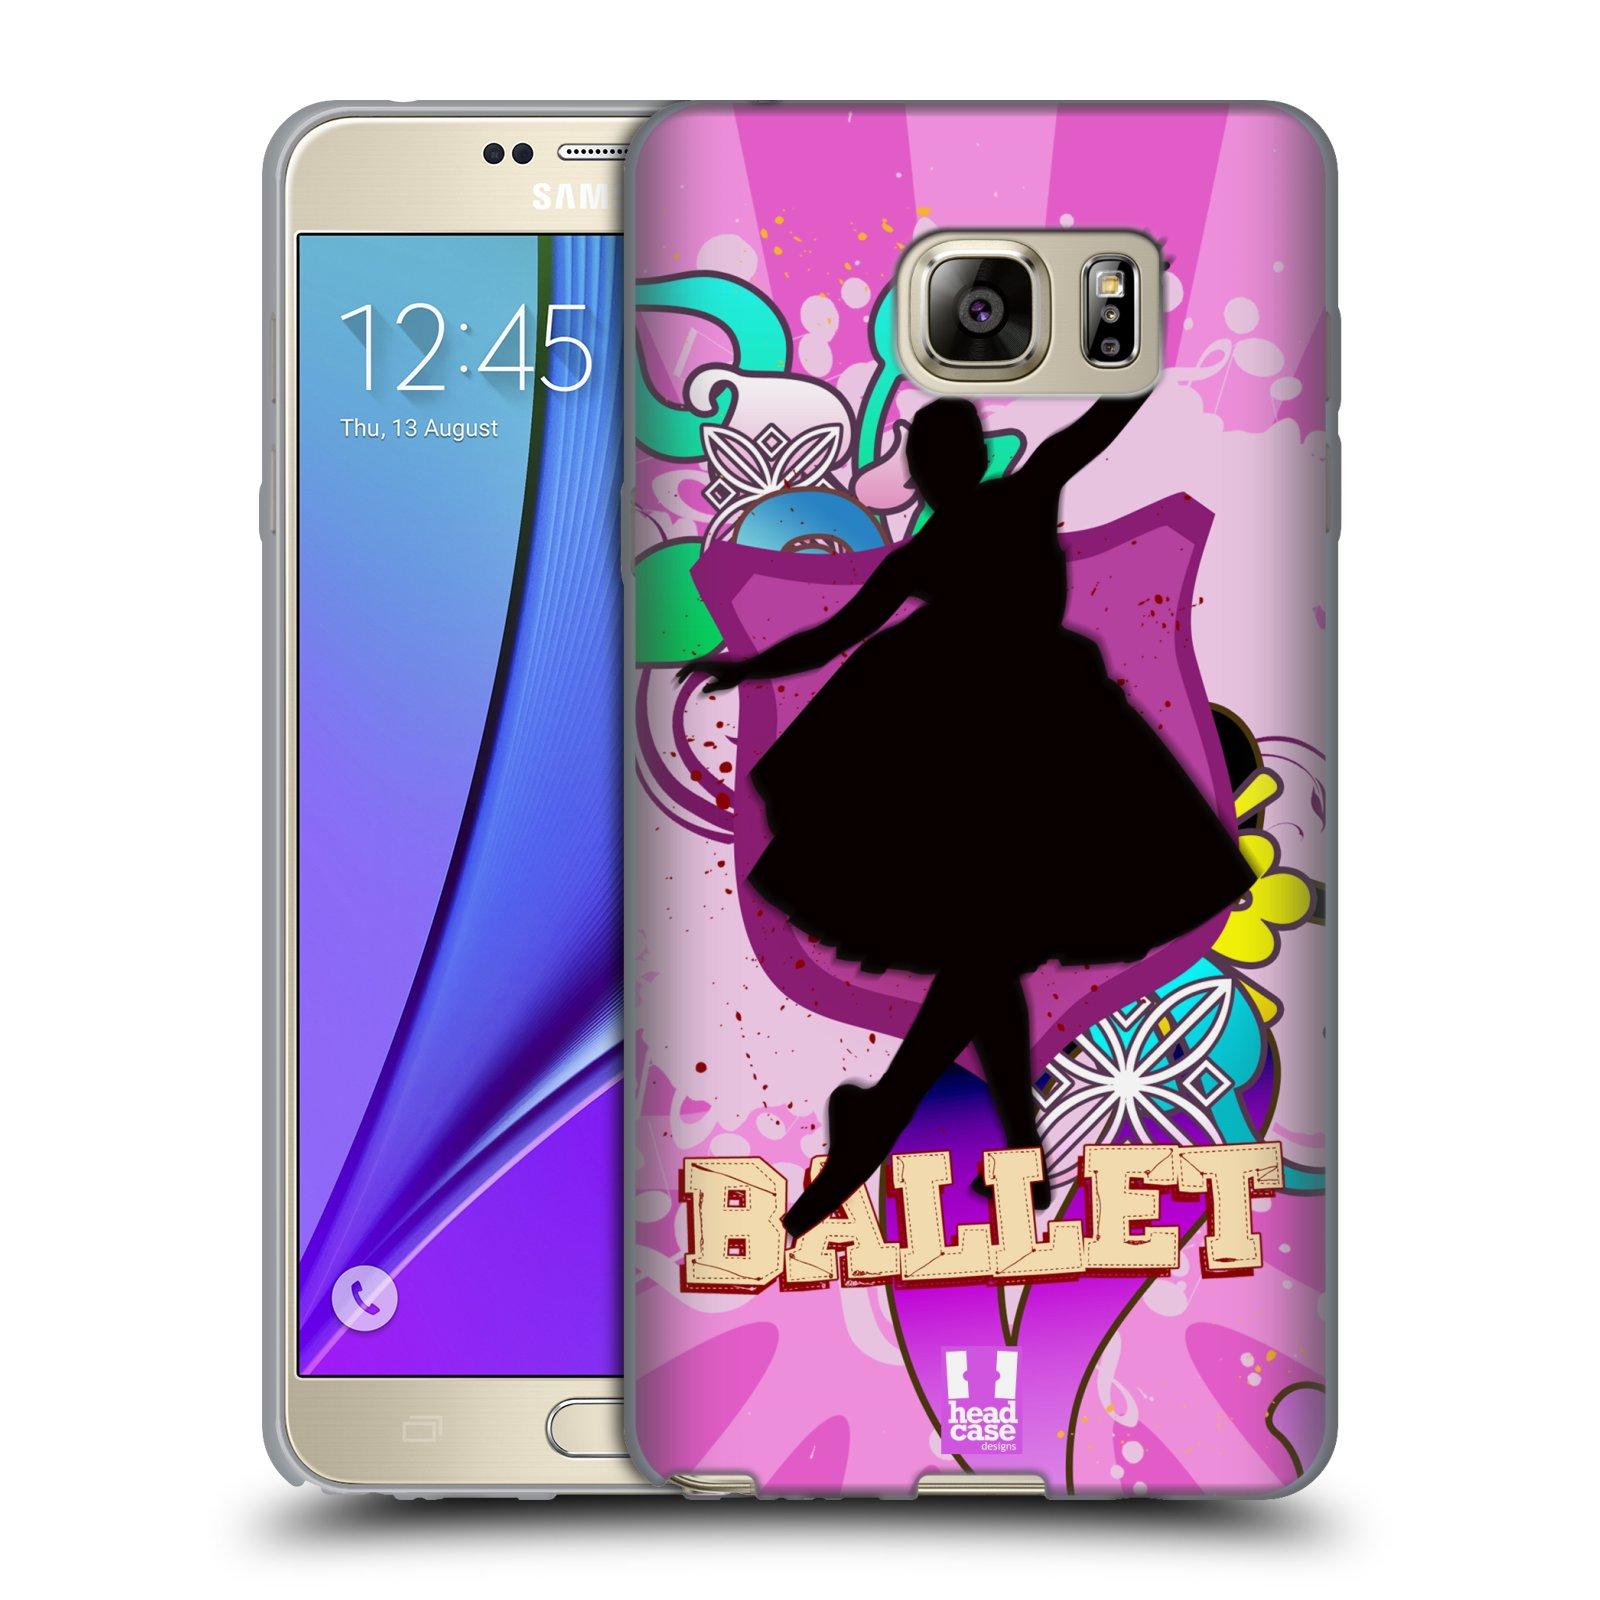 HEAD CASE silikonový obal na mobil Samsung Galaxy Note 5 (N920) vzor TANEC SILUETA BALET FIALOVÁ